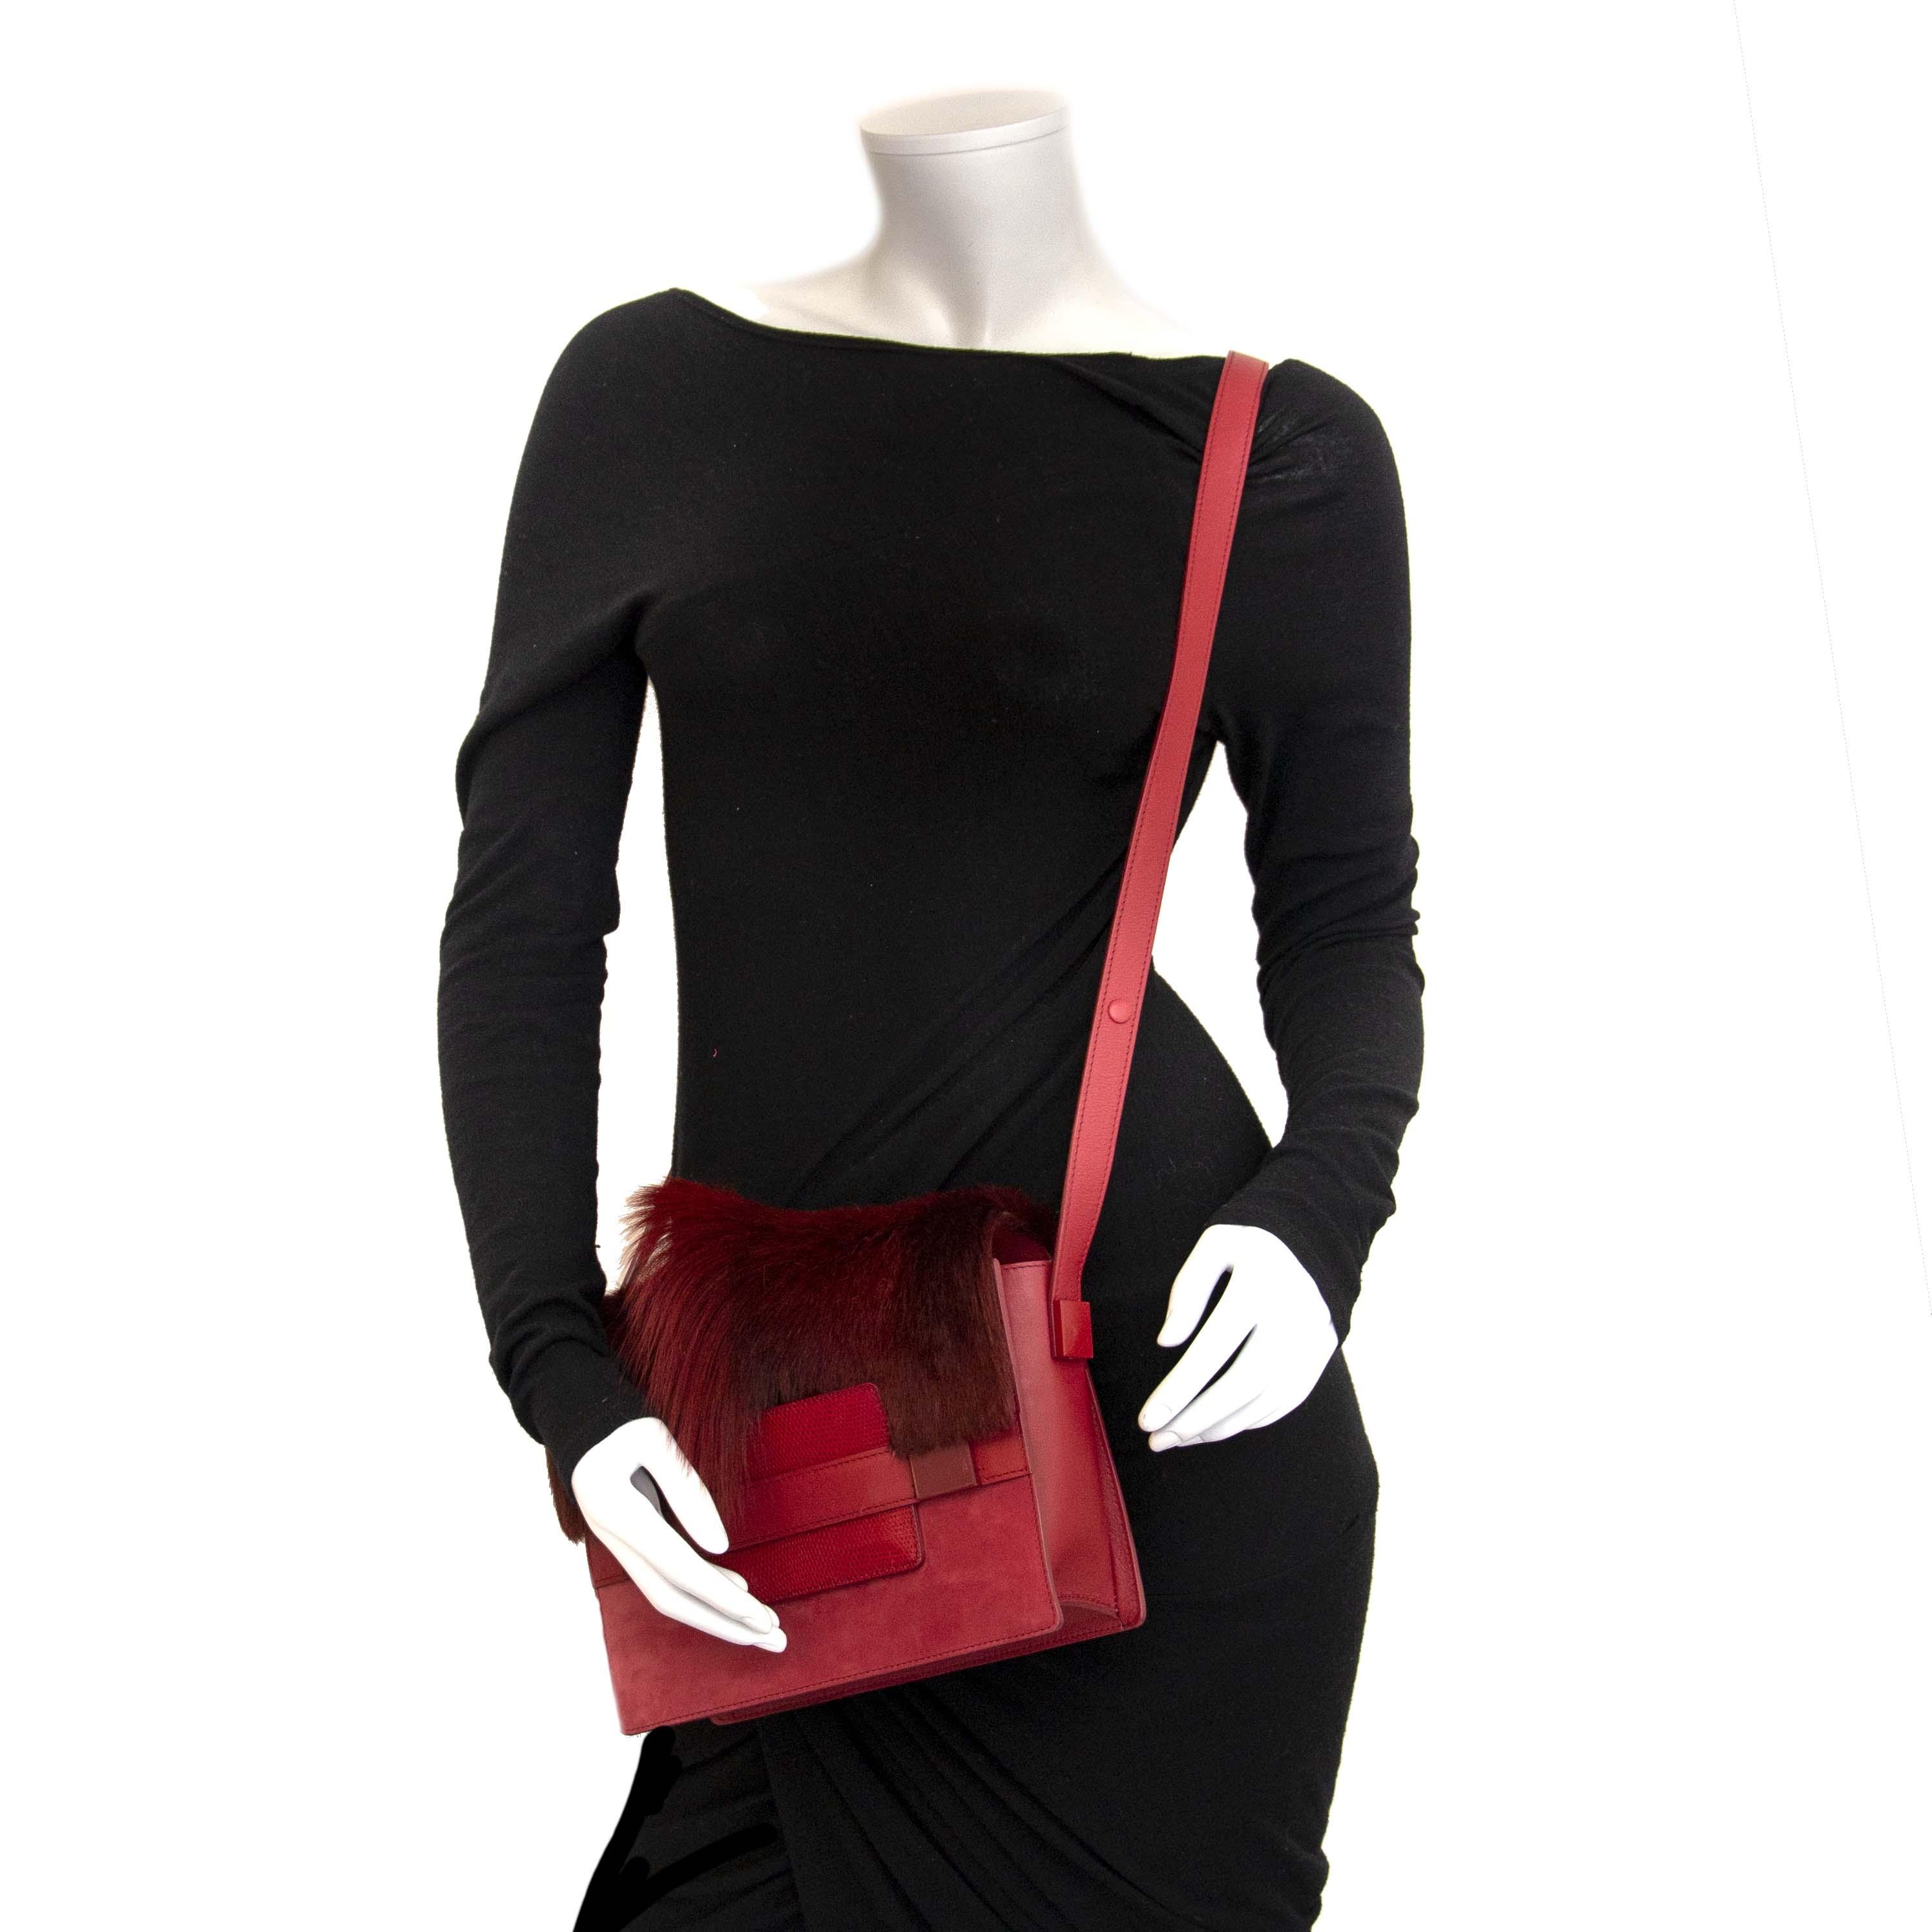 Authentieke tweedehands vintage Delvaux Madame Springbok Crossbody Bag koop online bij LabelLOV